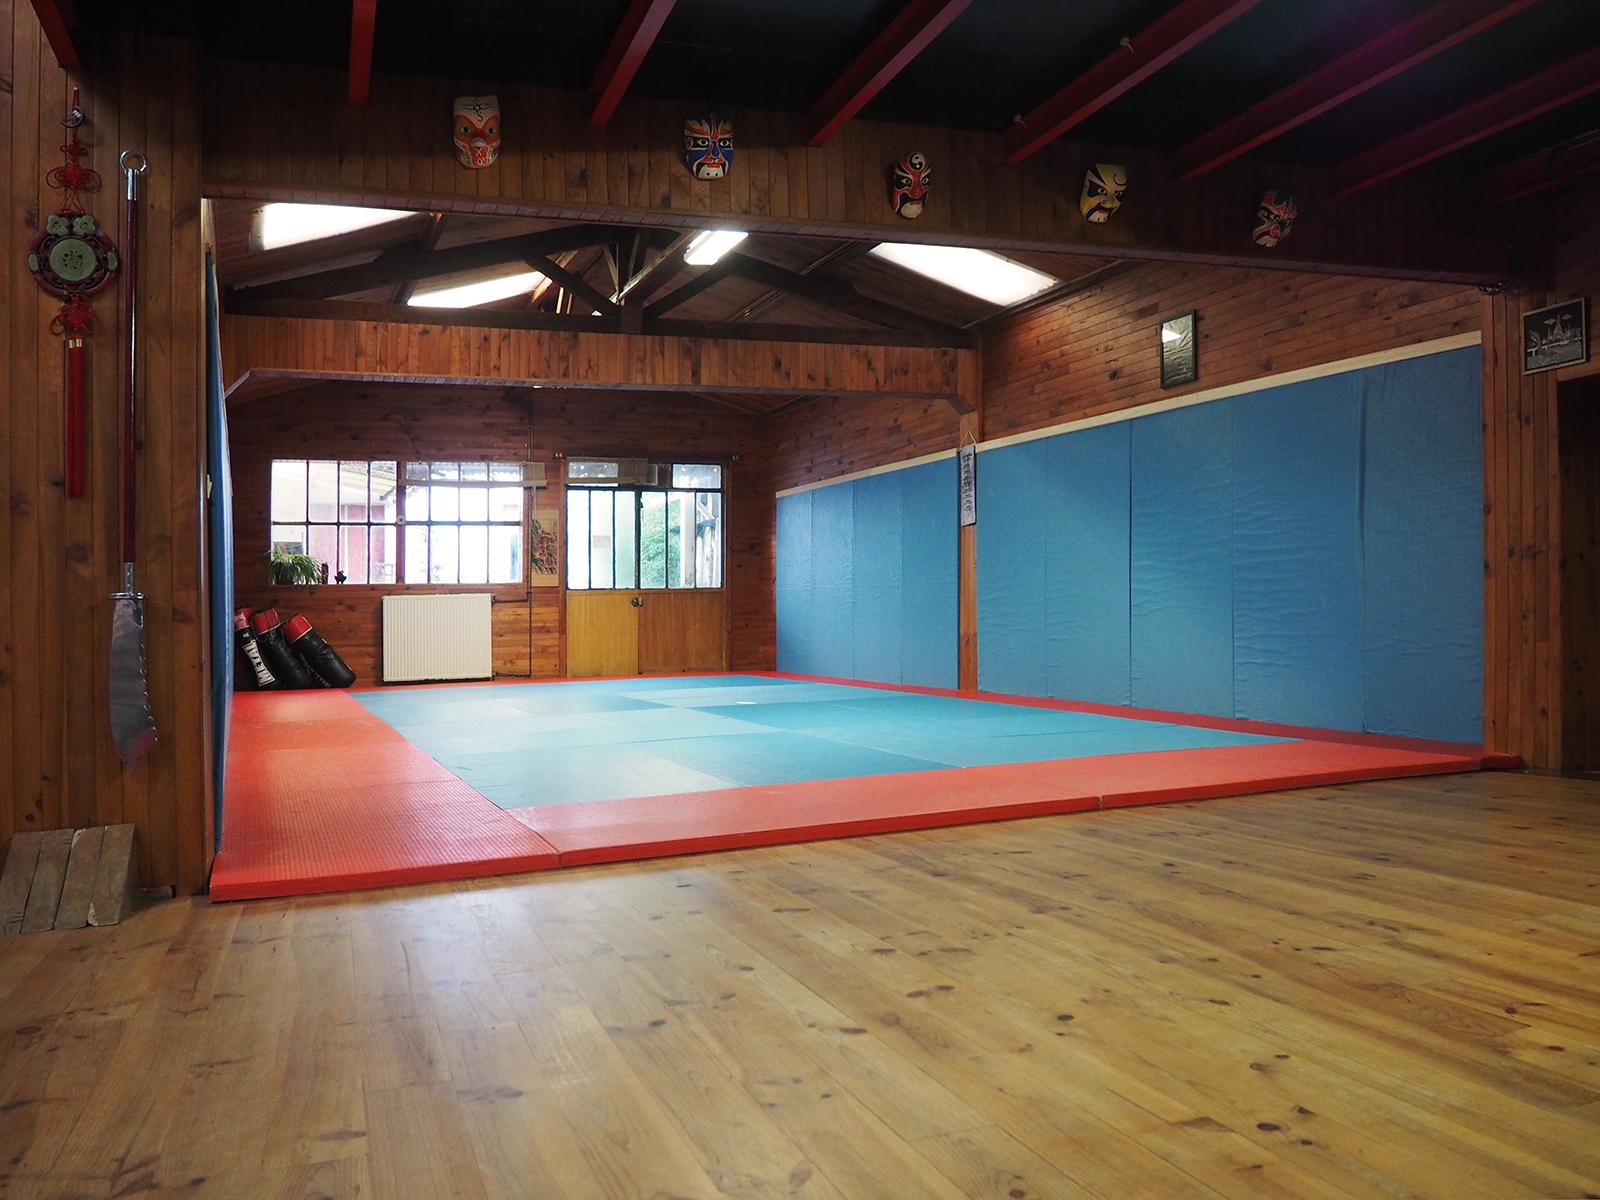 Location De La Salle Academie De Wing Chun A Toulouse